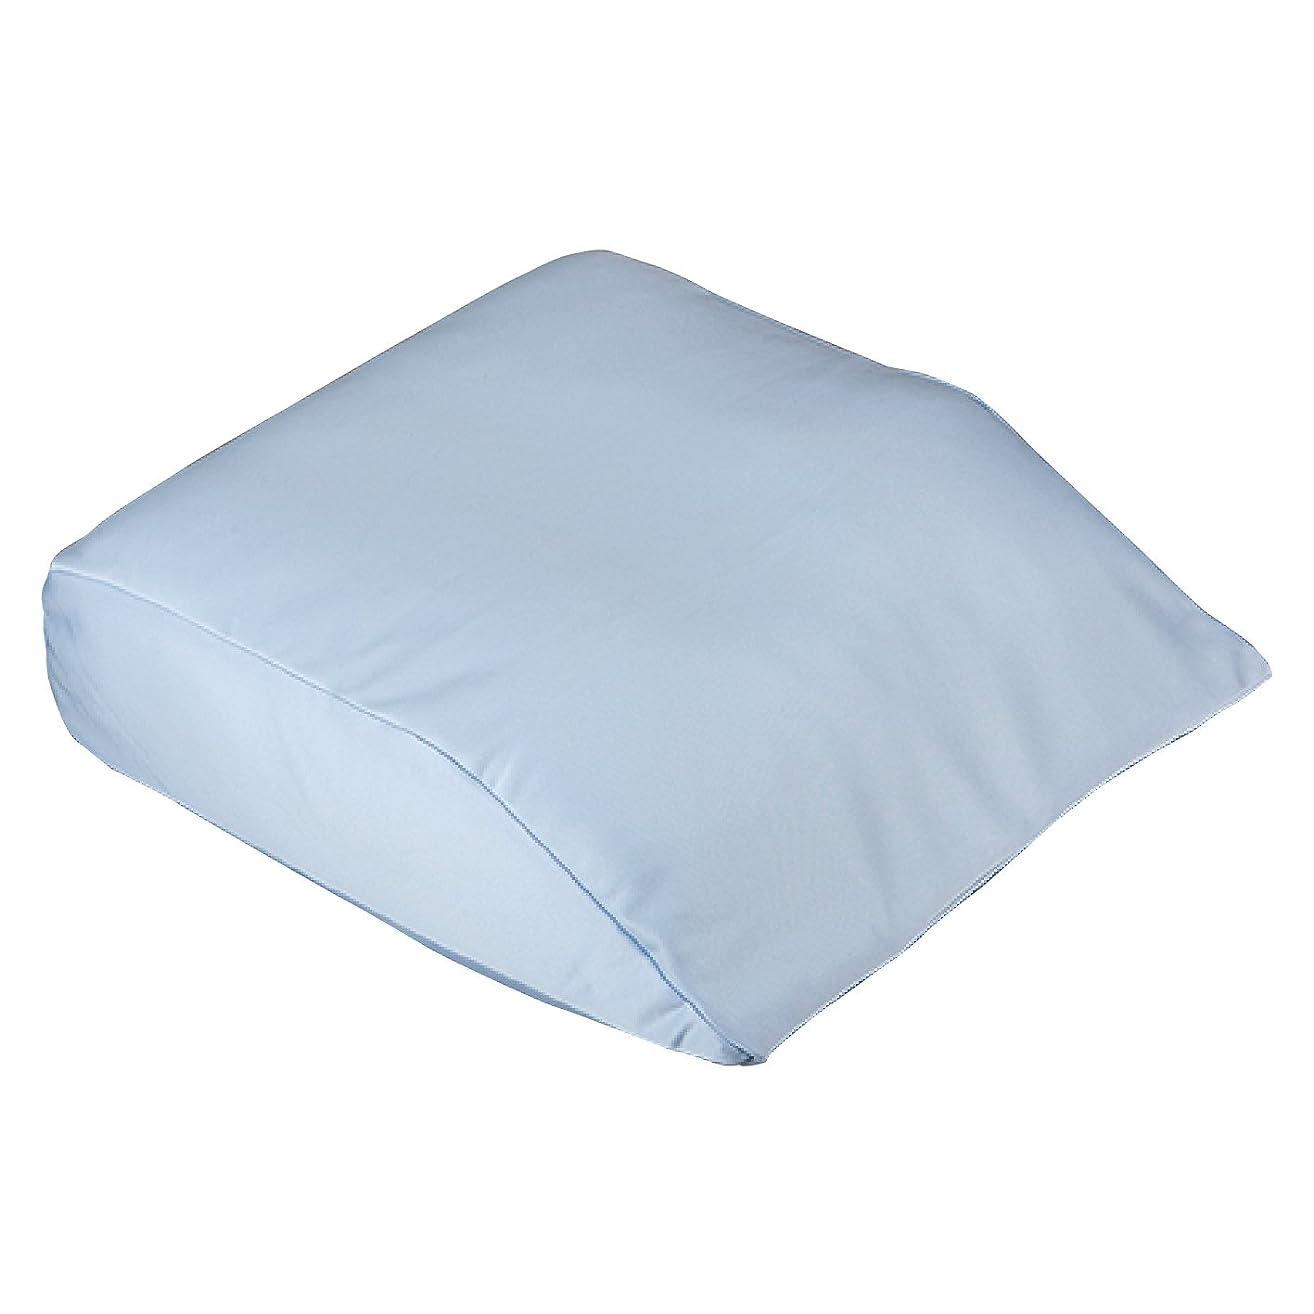 因子機械的にチャンピオンシップエネタン 太ももフォローのロングあしまくら/オーガニックコットン 綿 低反発 高反発 寝具 睡眠 足枕 むくみ 日本製